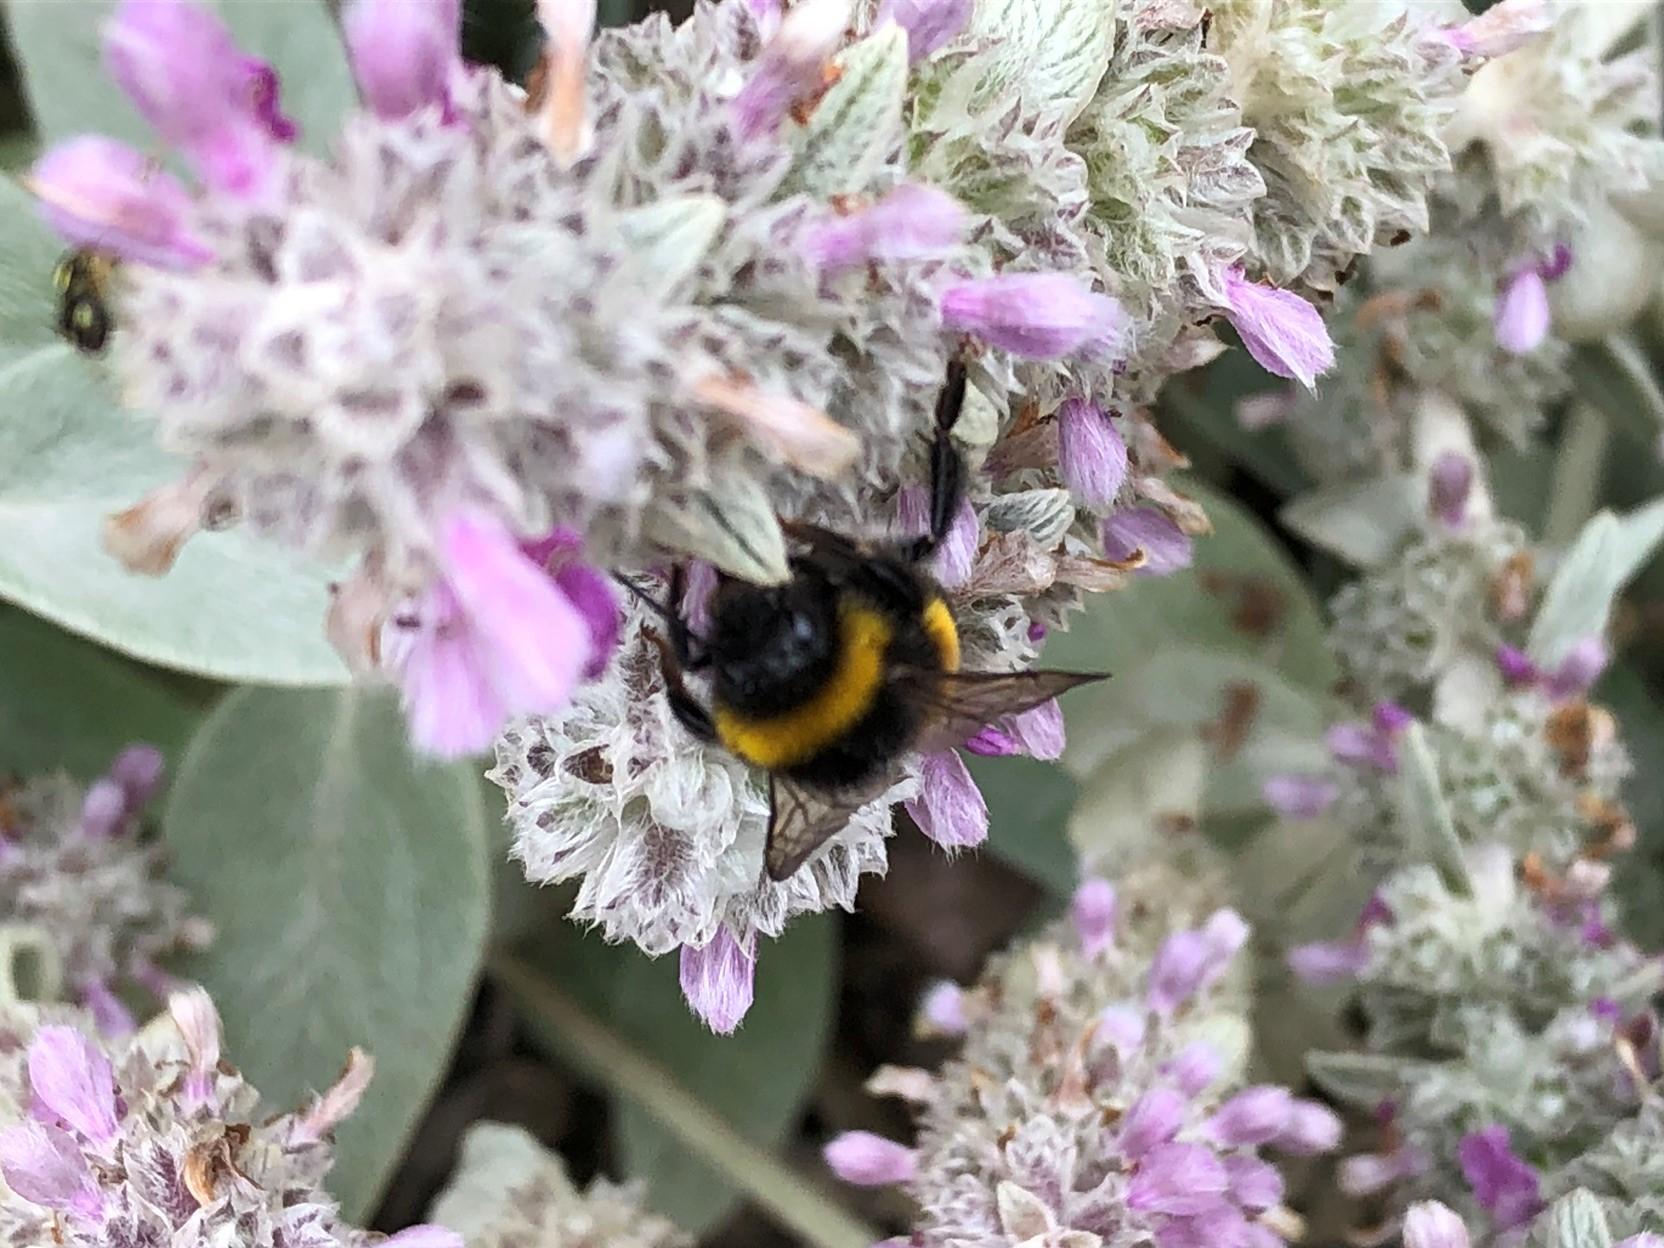 Auch die Bienen sind da, unsere fleißigen Helfer